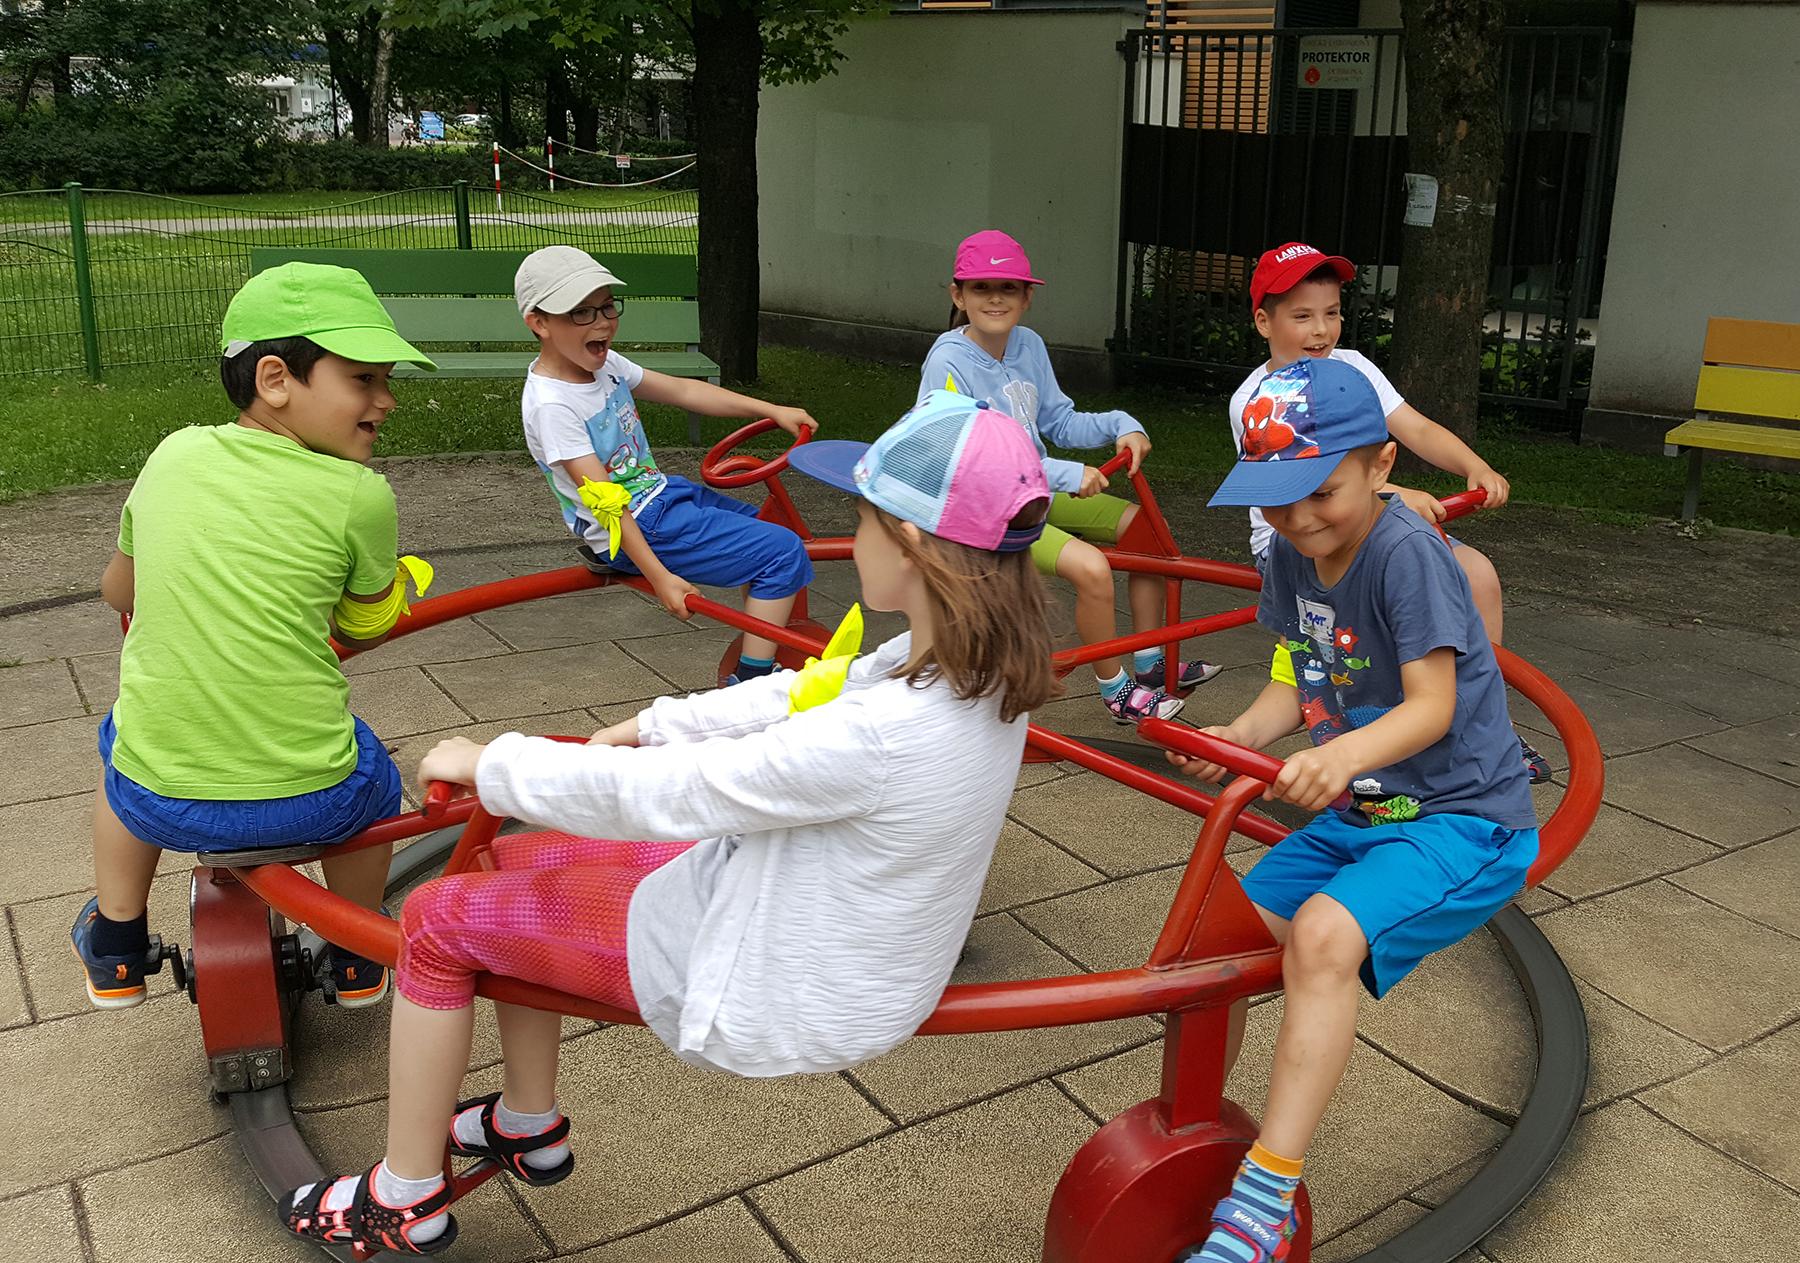 17 polkolonie angielski dla dzieci warszawa archibald